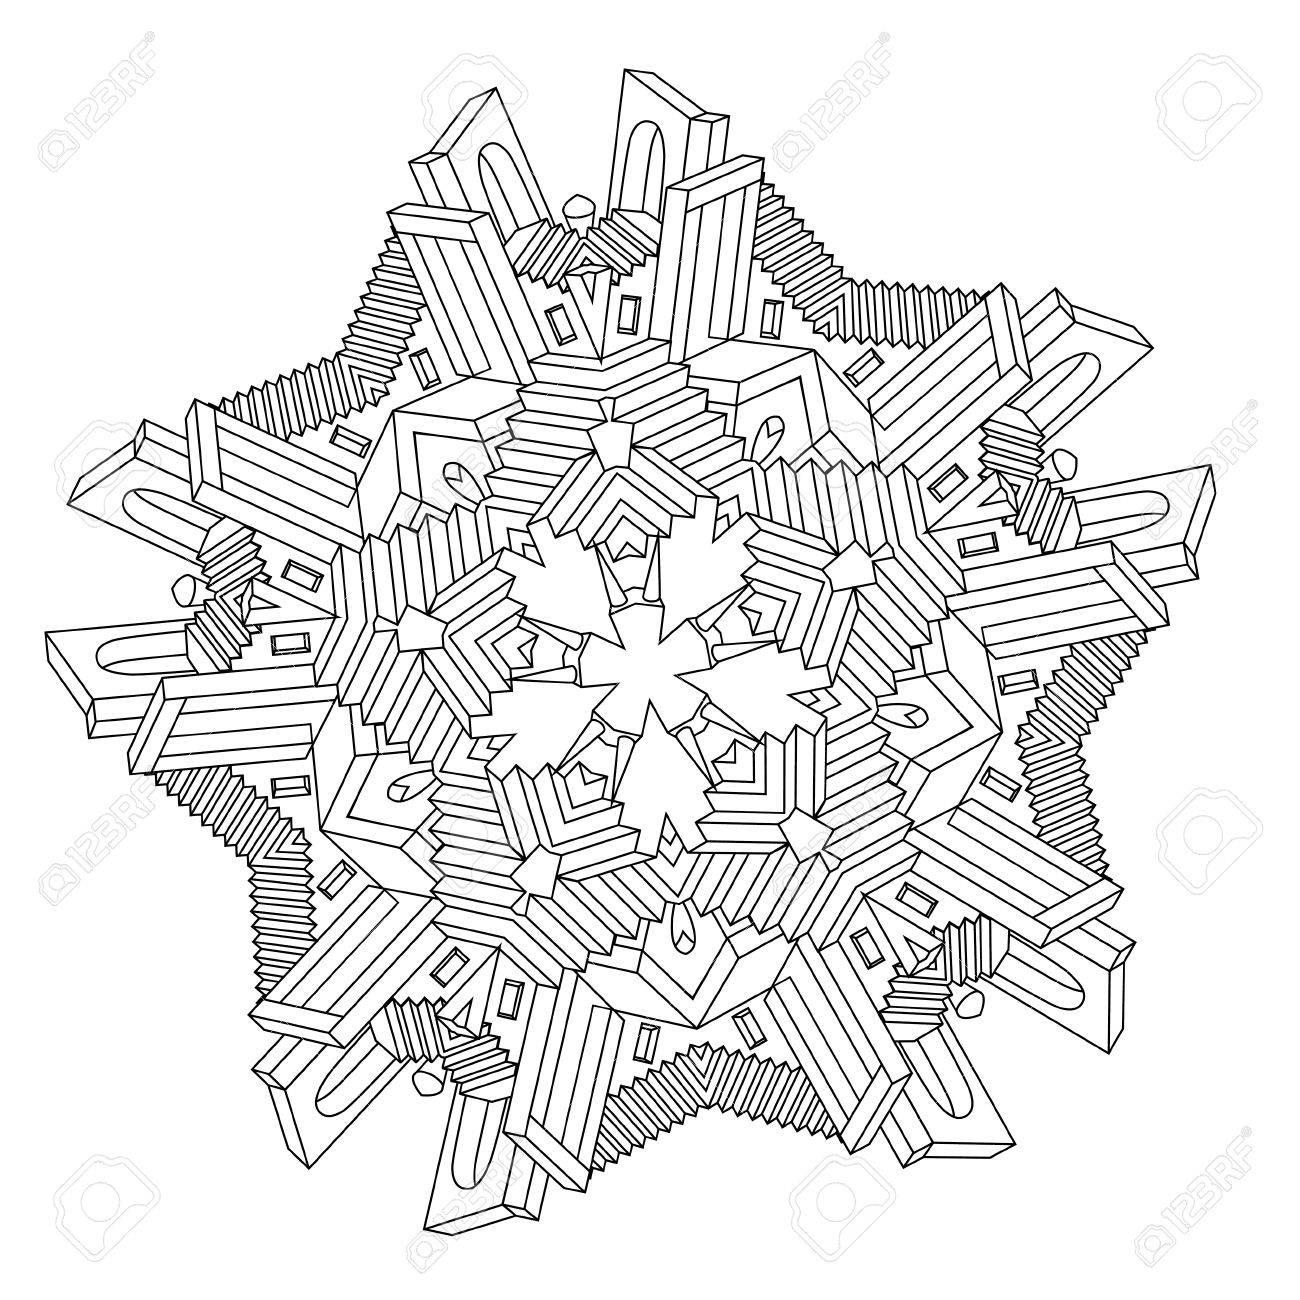 Mandala Forma Contorneada Como Laberinto De Caminos, Casas, Muros Y ...